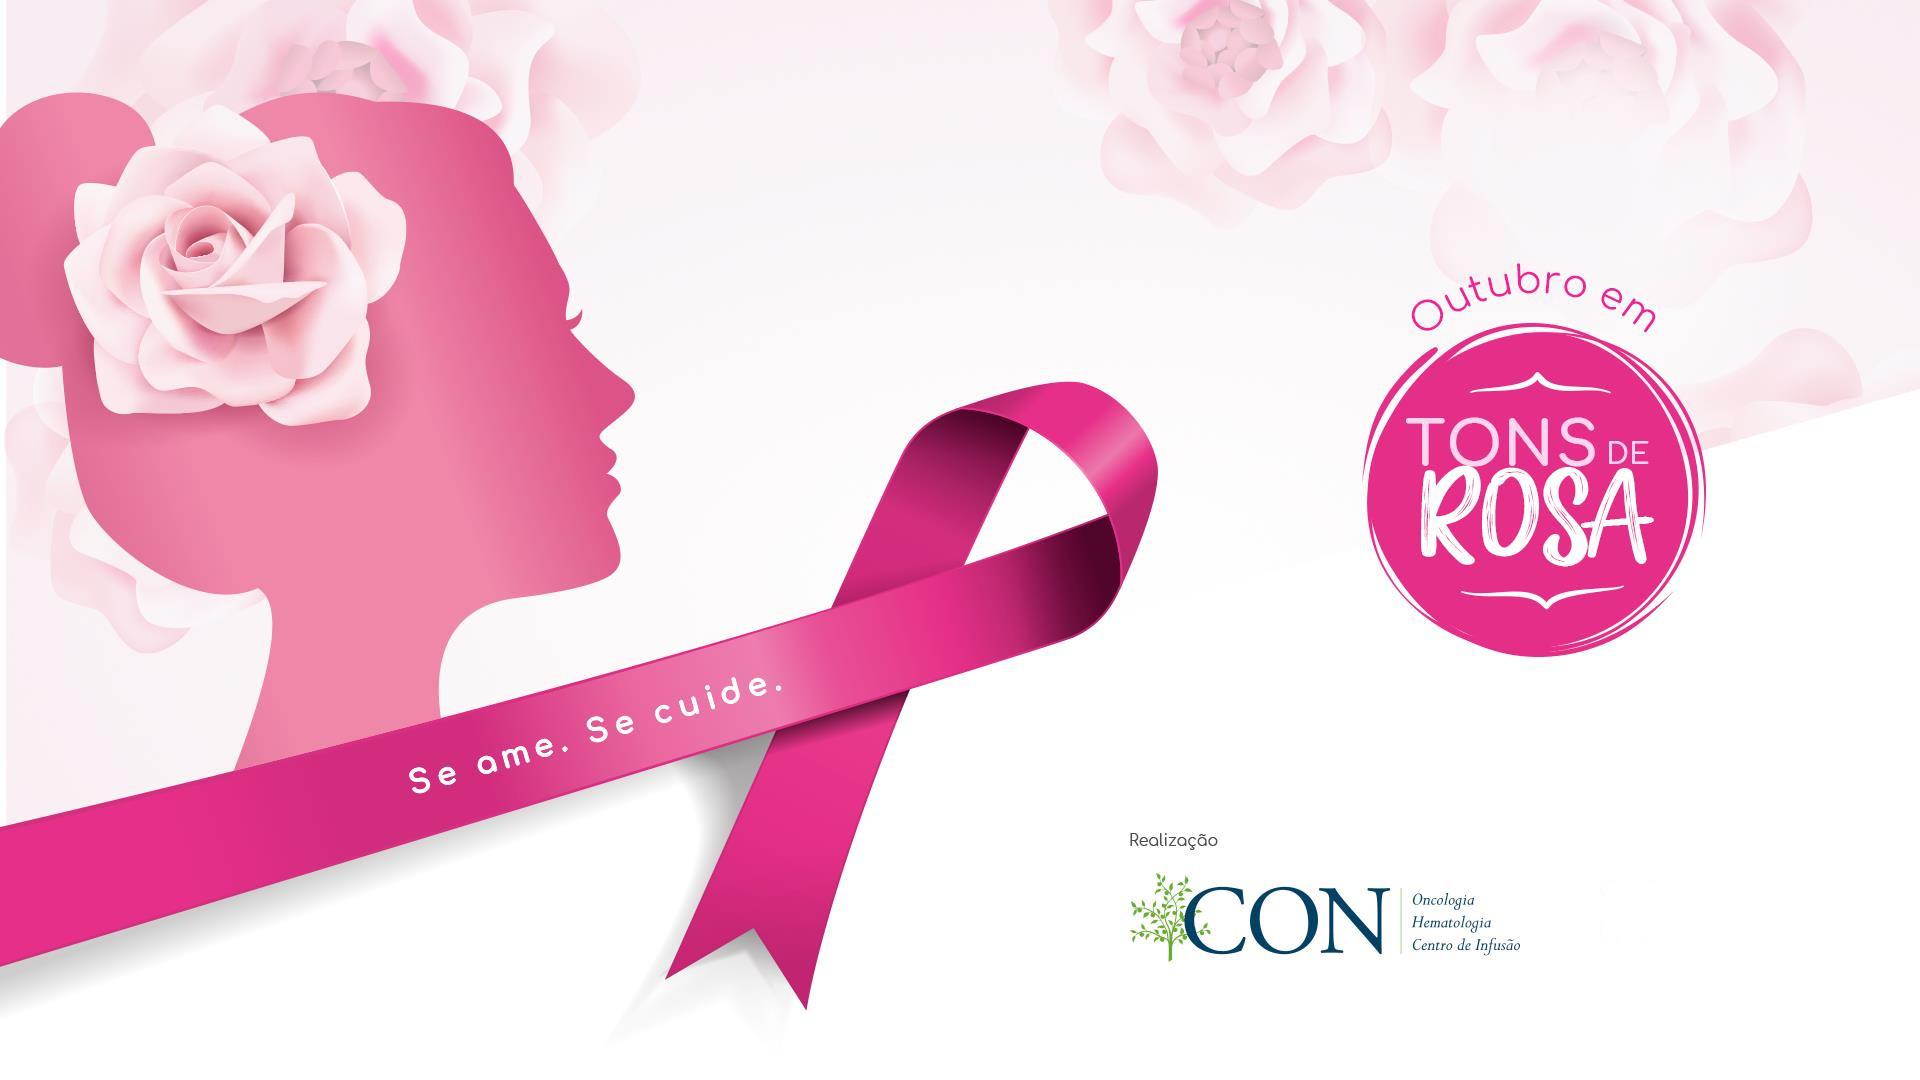 5 diferenciais do CON no tratamento do câncer de mama